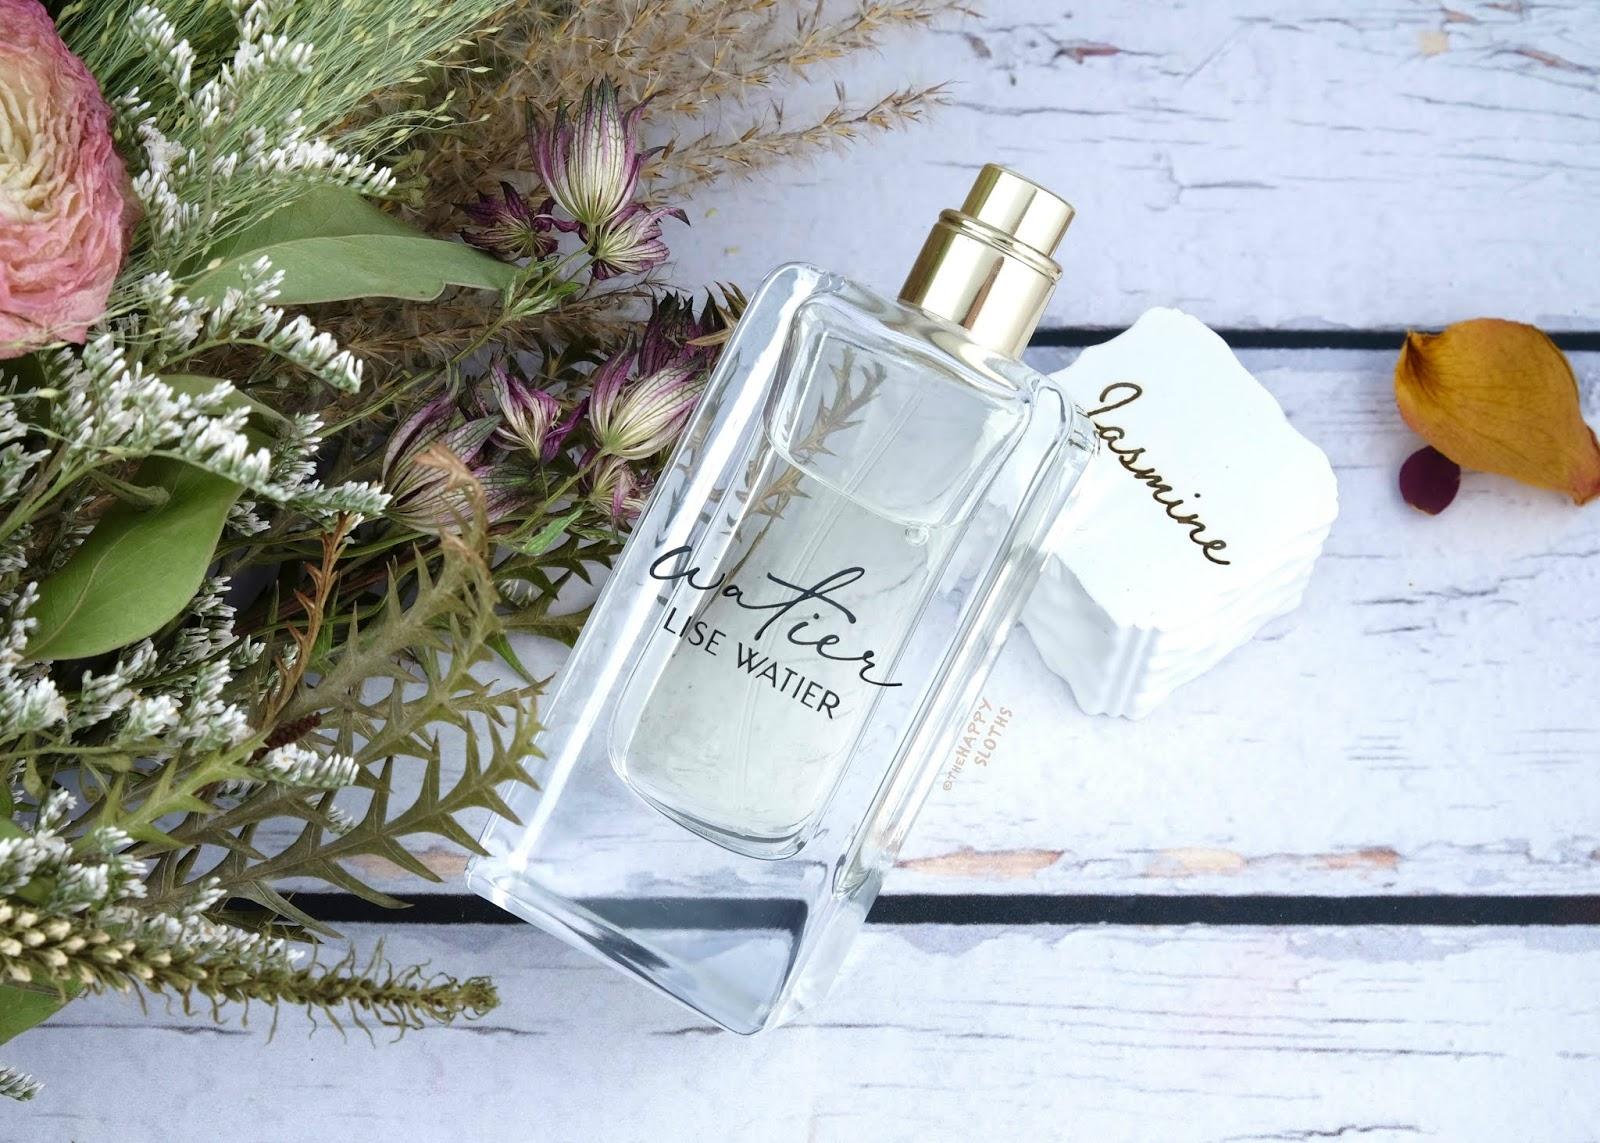 Lise Watier | Watier Eau de Parfum: Review